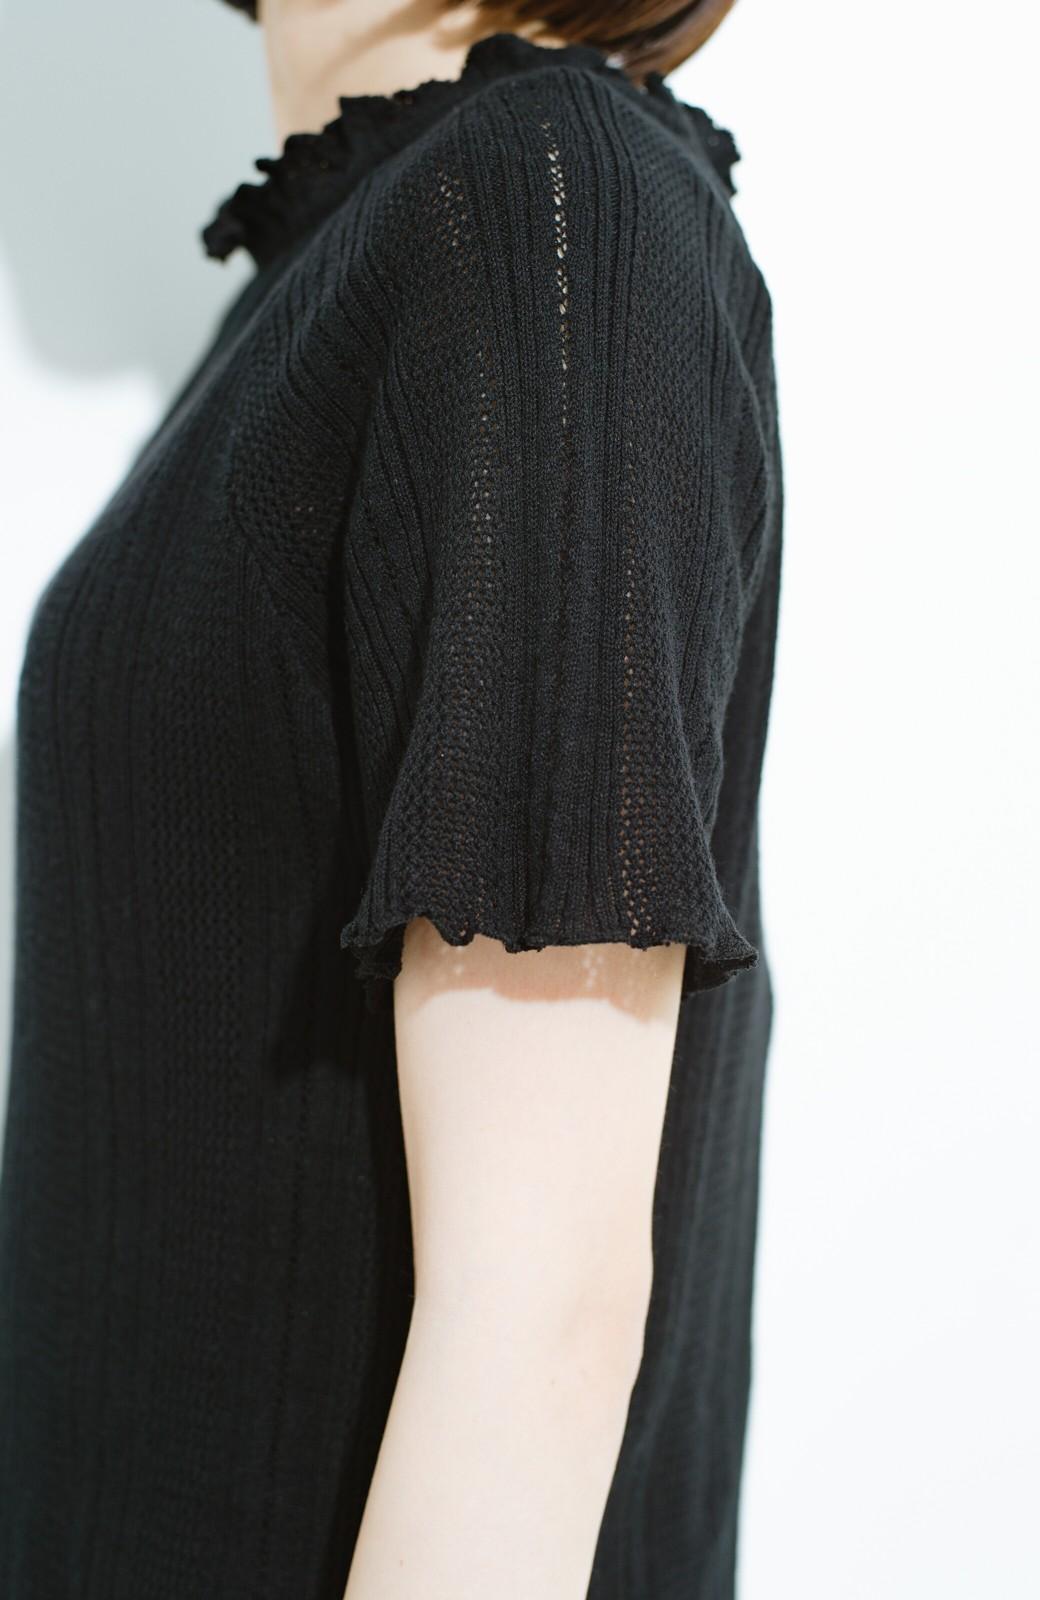 haco! スカートにもパンツにも合う ぴったりめがかわいい透かし柄ニット <ブラック>の商品写真5